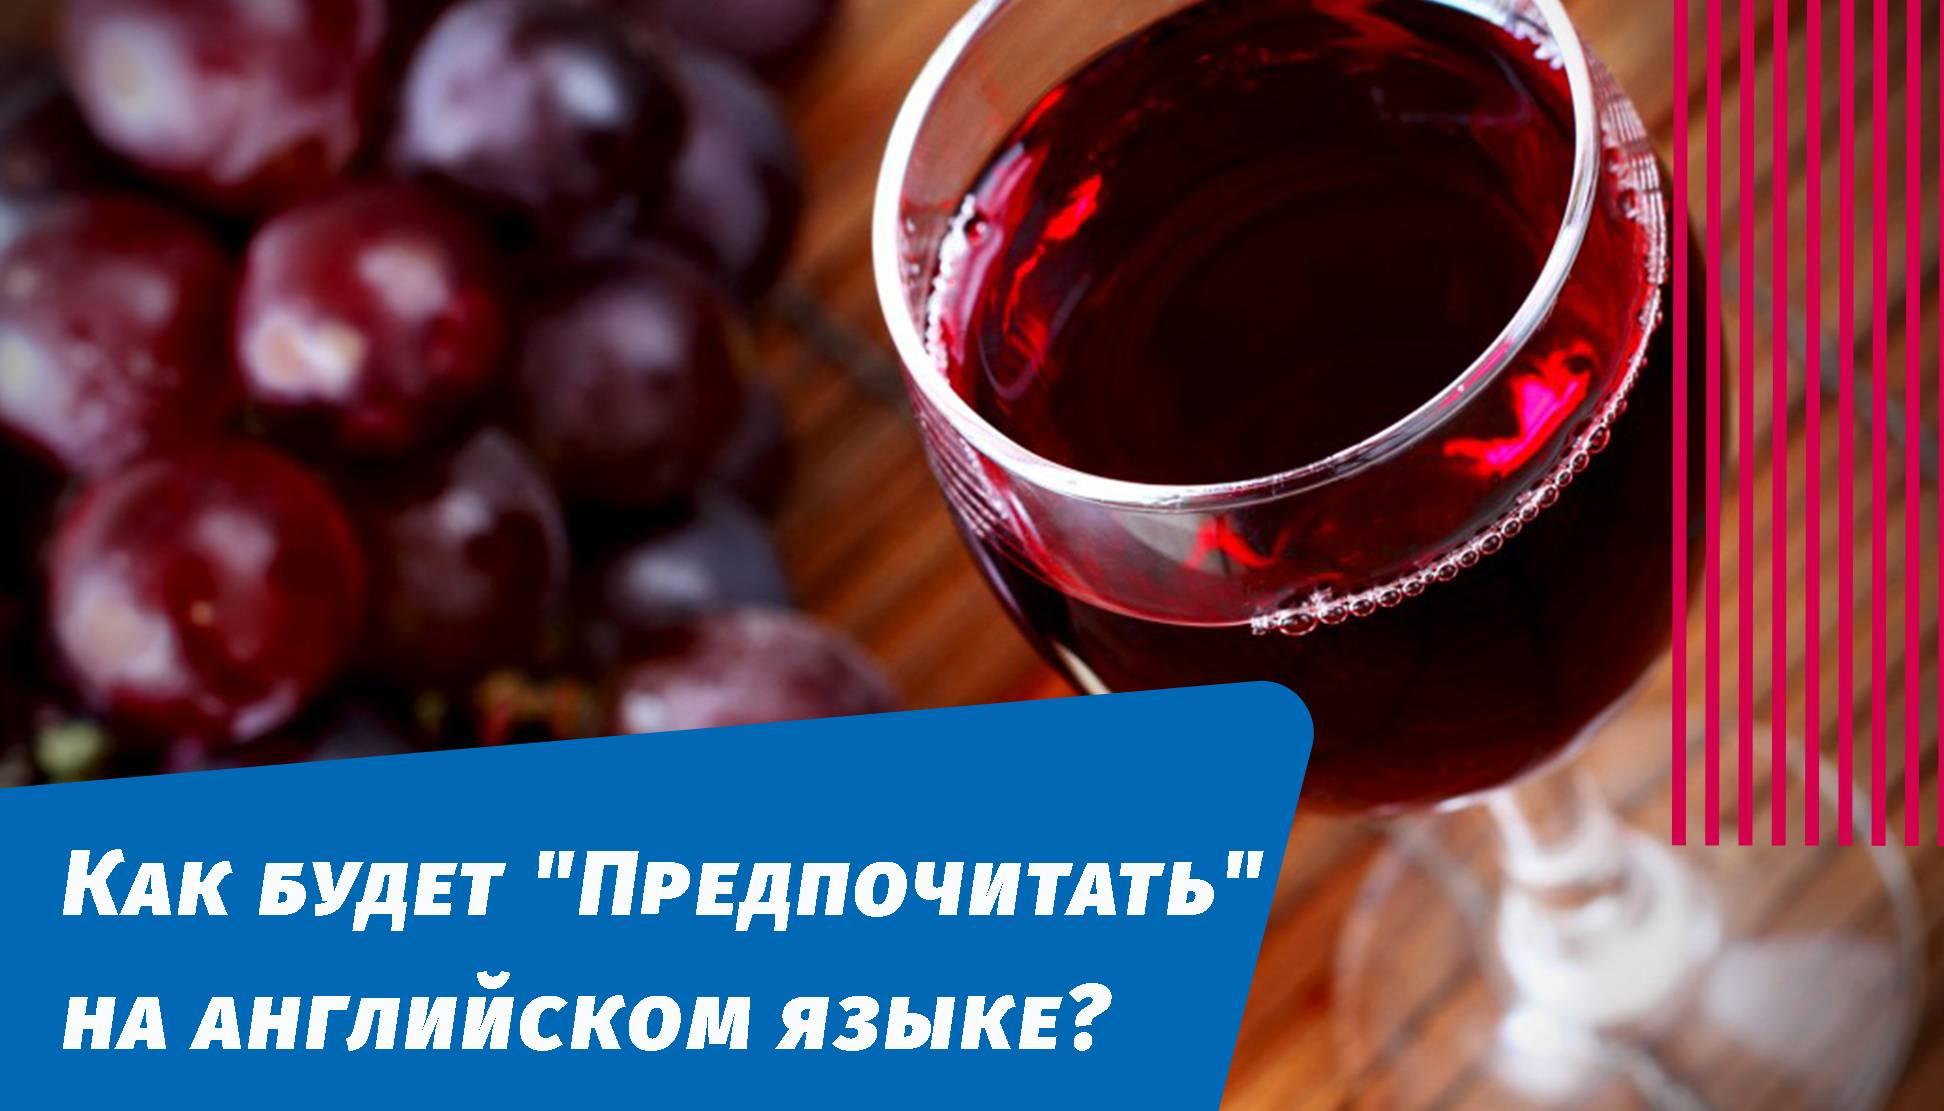 Красное вино: польза и вред для здоровья